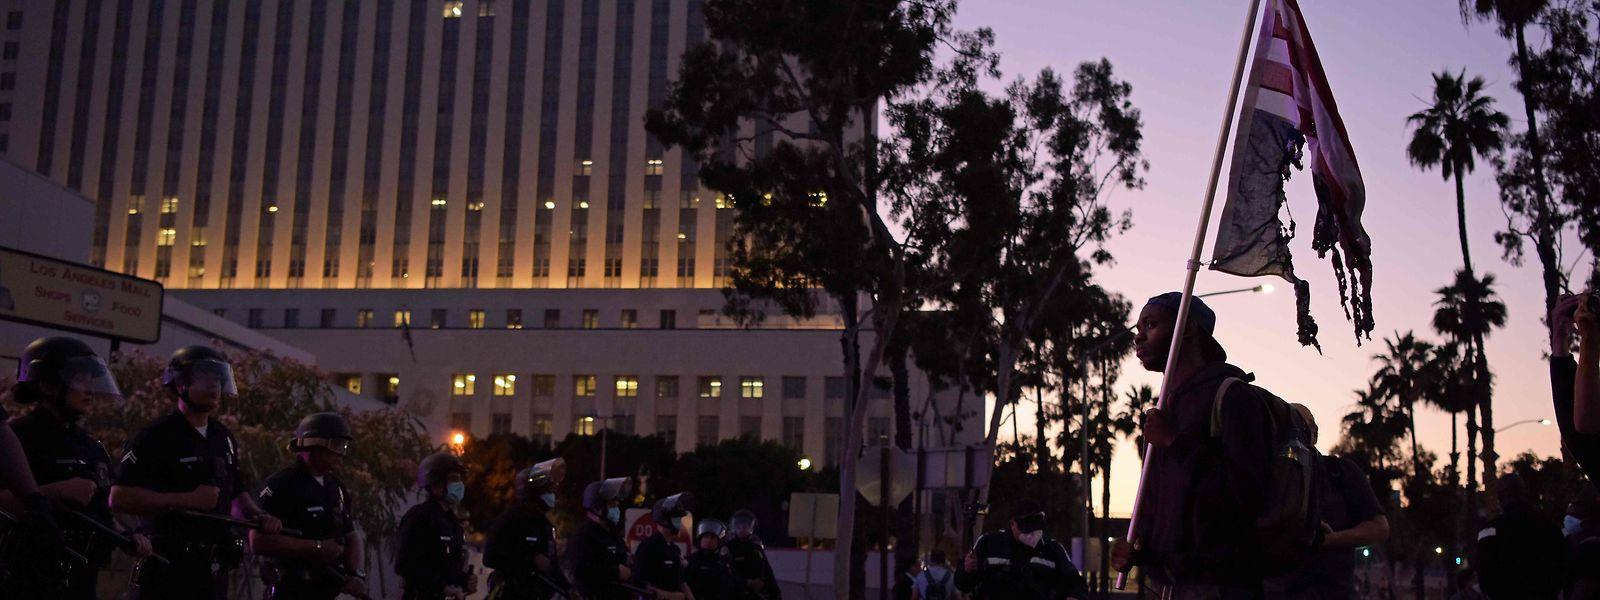 Die Lage ist explosiv und kann jederzeit wieder eskalieren. Ein Mann demonstriert mit einer zerrissenen US-Flagge gegen die Polizeigewalt.